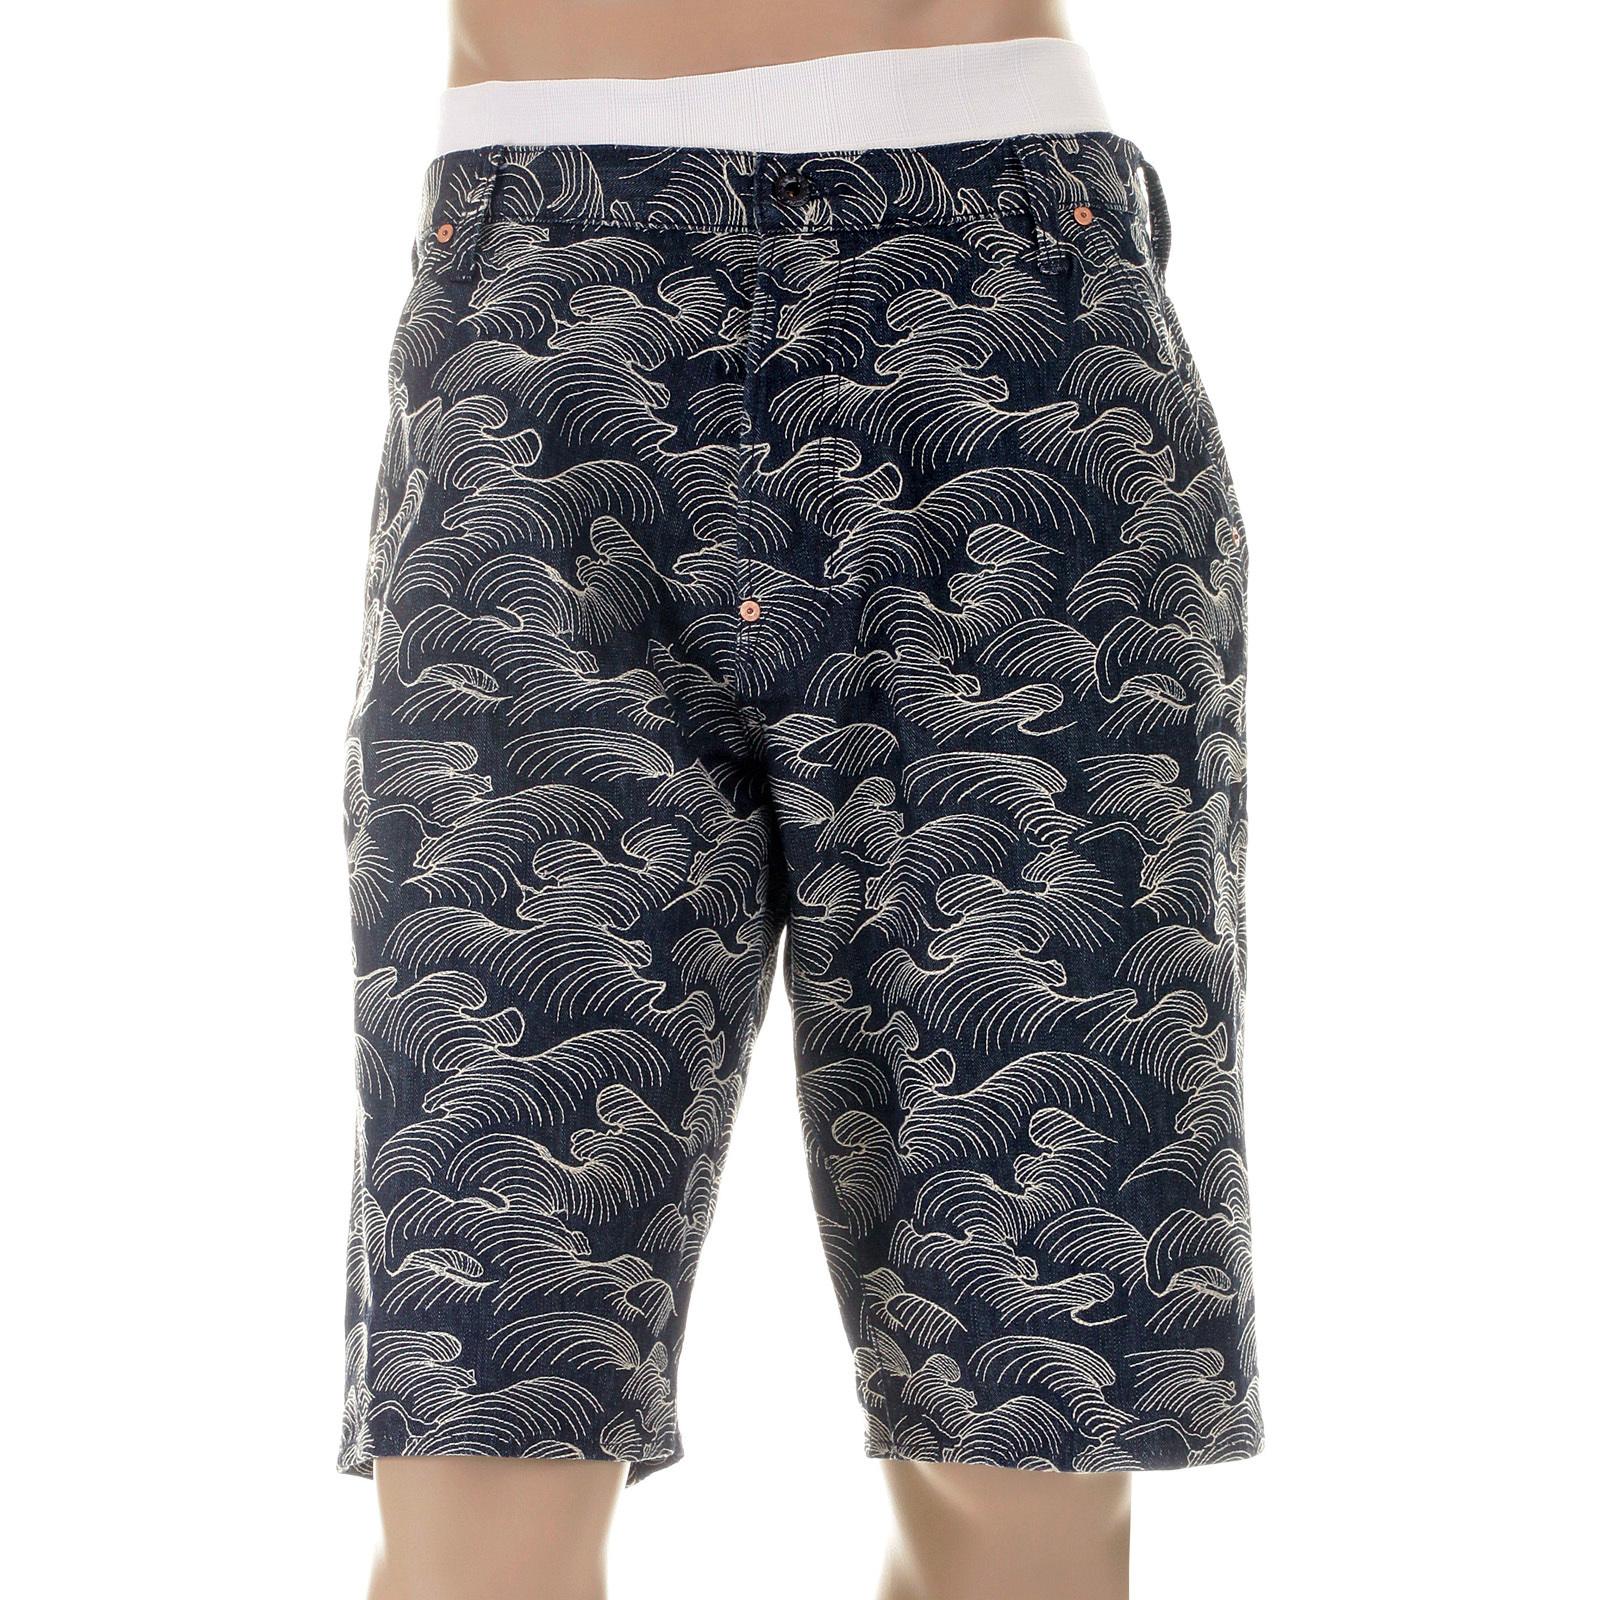 RMC Martin Ksohoh Shorts White Embroidered Tsunami Wave Denim Shorts REDM5219